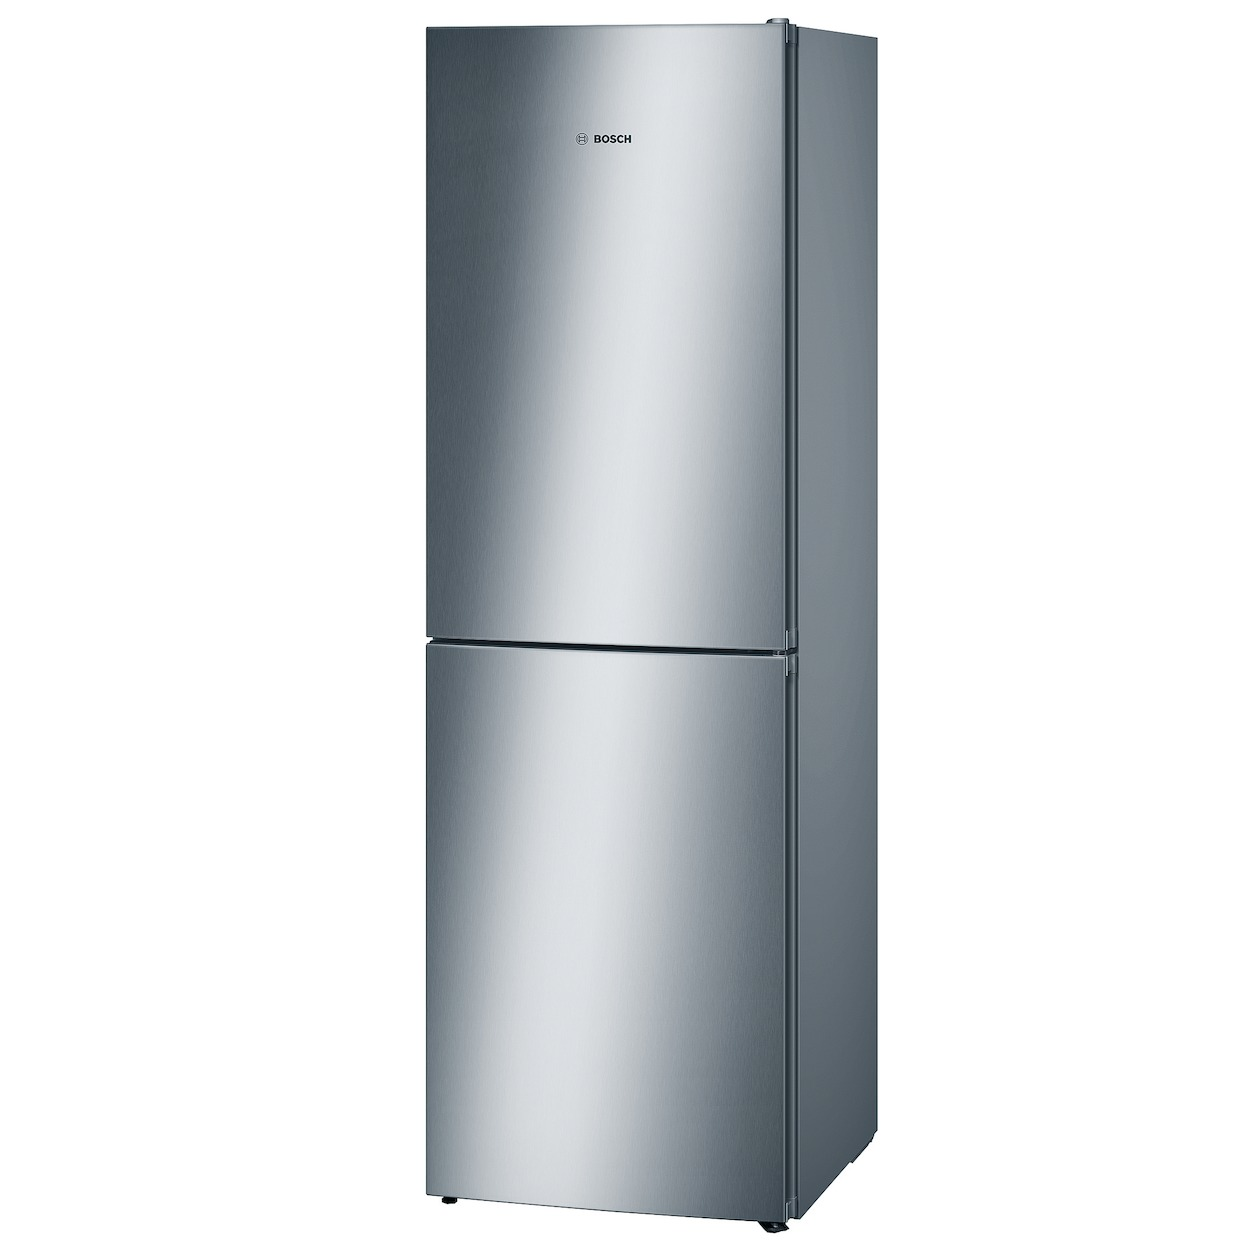 Bosch koelkast met vriesvak KGN34VL35 - Prijsvergelijk